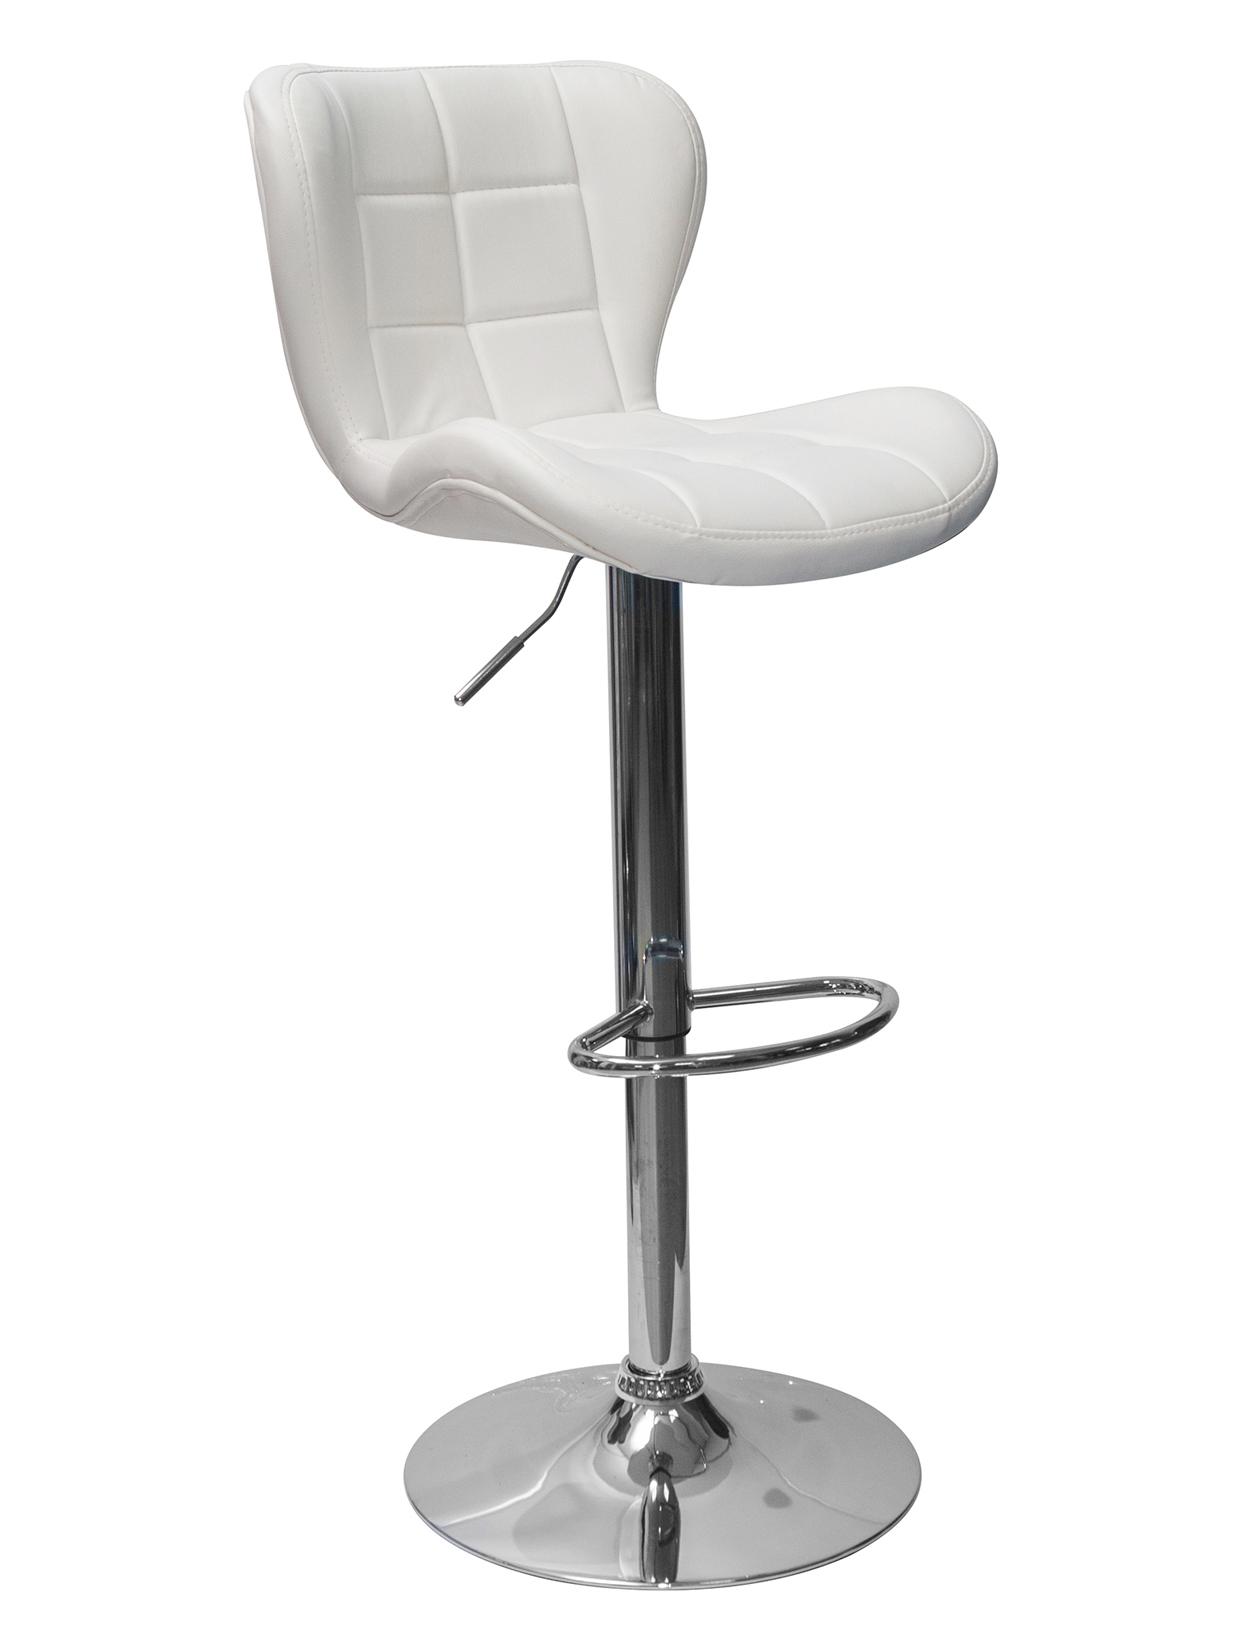 Барный стул с регулируемой высотой 150-59348